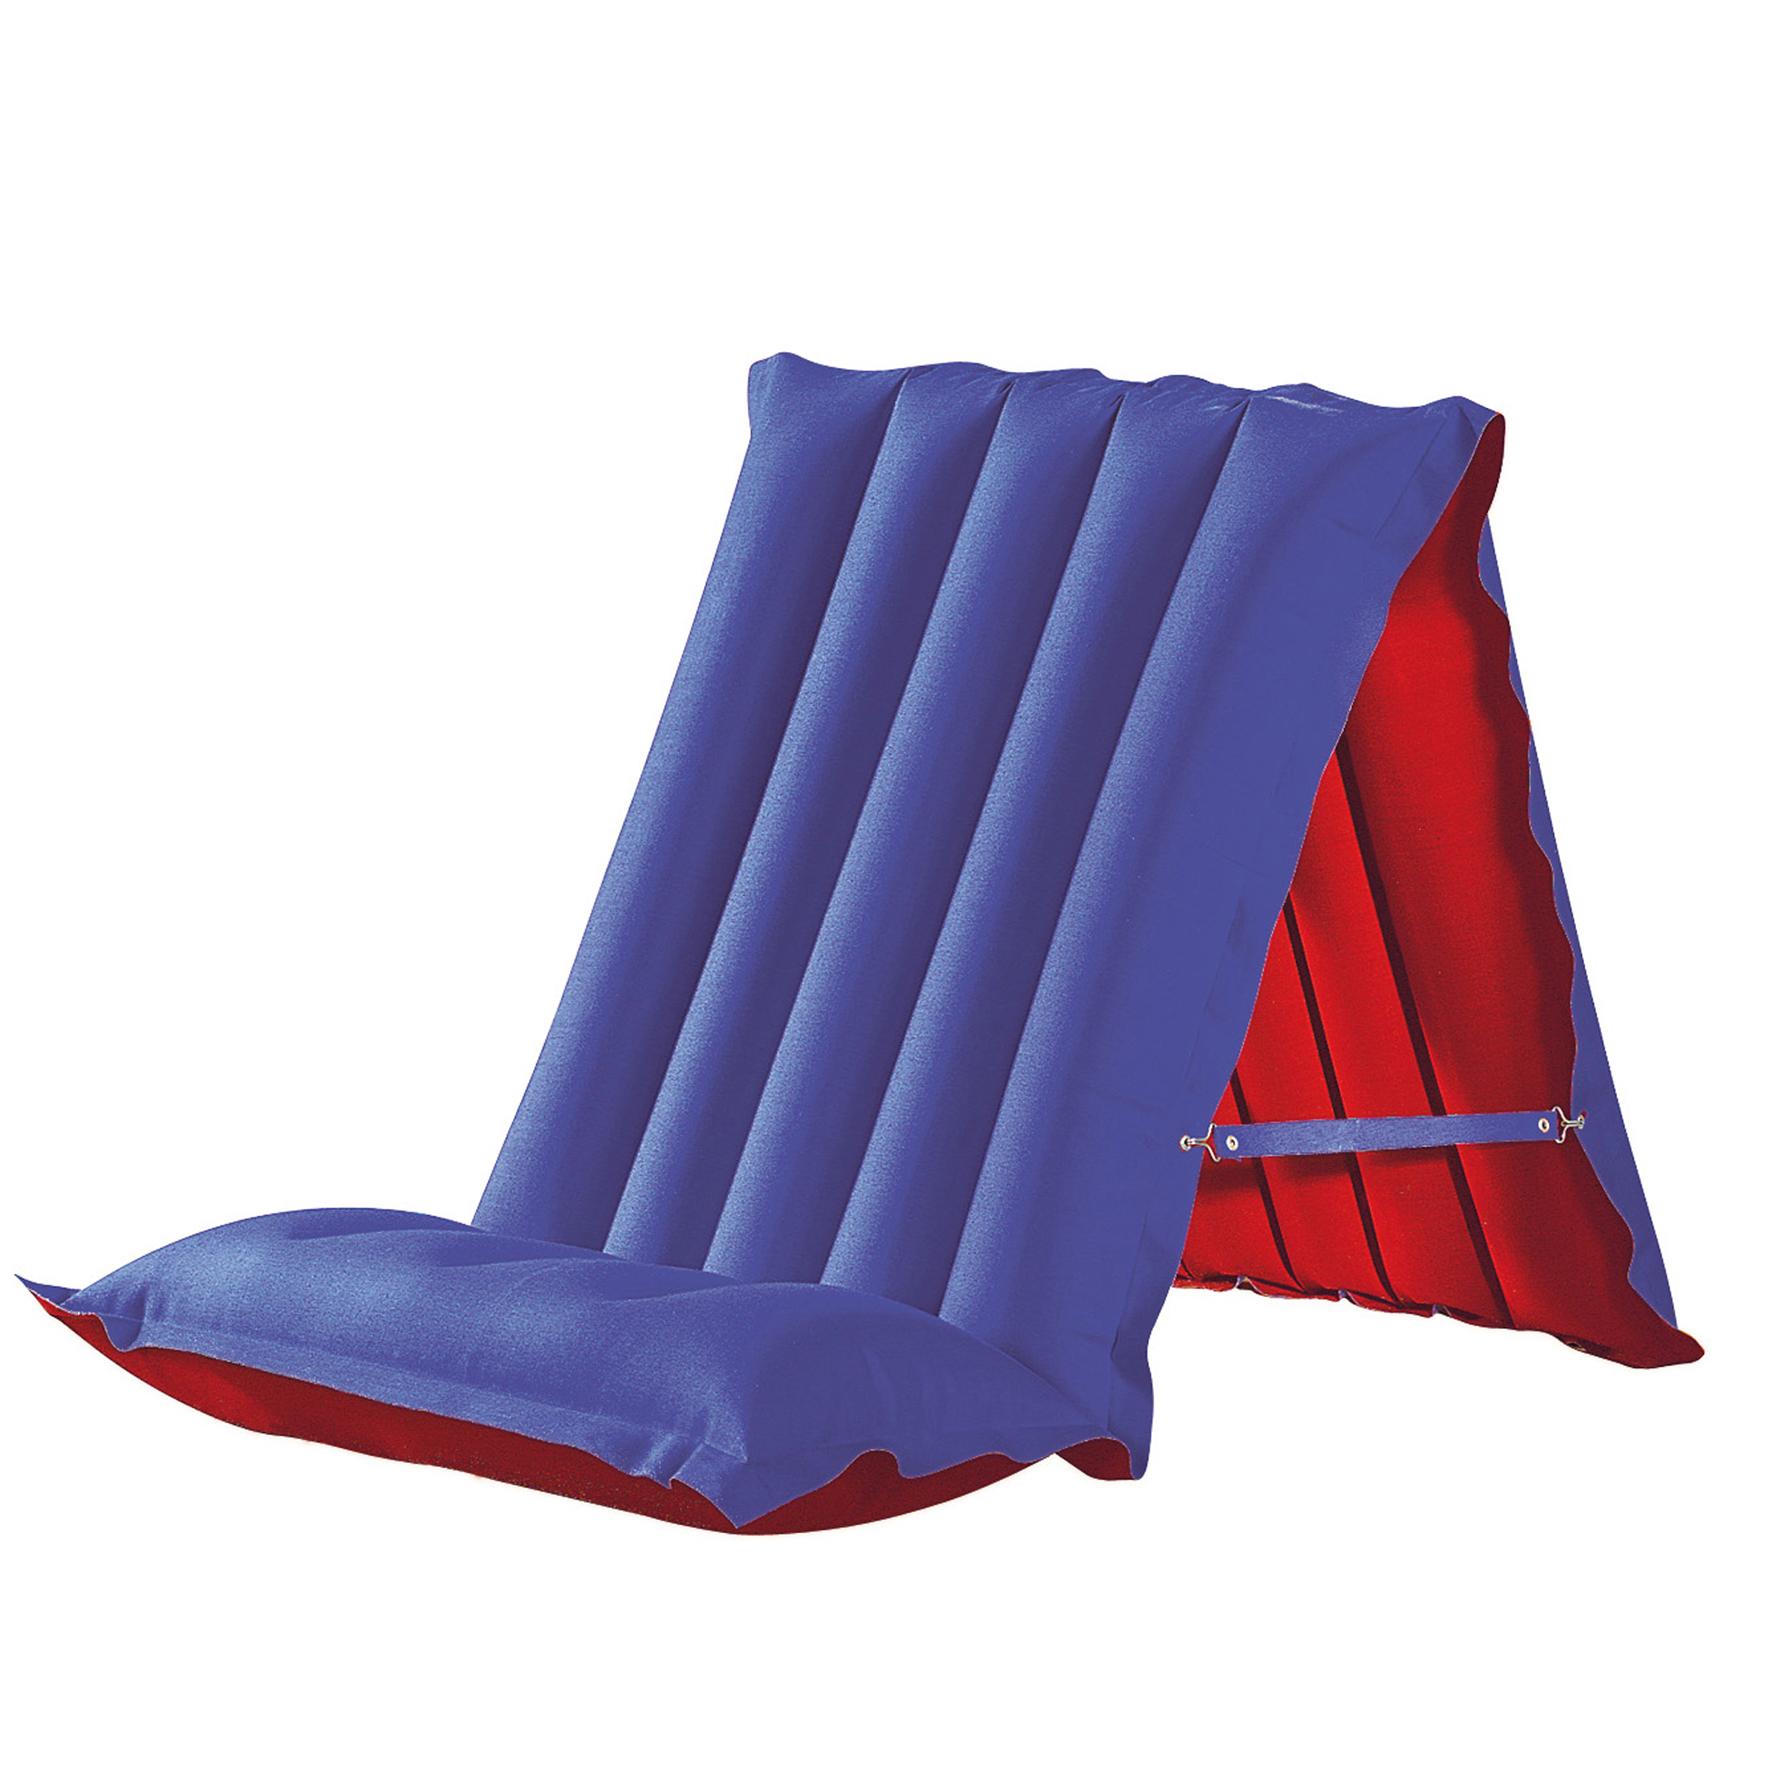 baumwolle luftmatratze sitz liegematratze luftbett. Black Bedroom Furniture Sets. Home Design Ideas